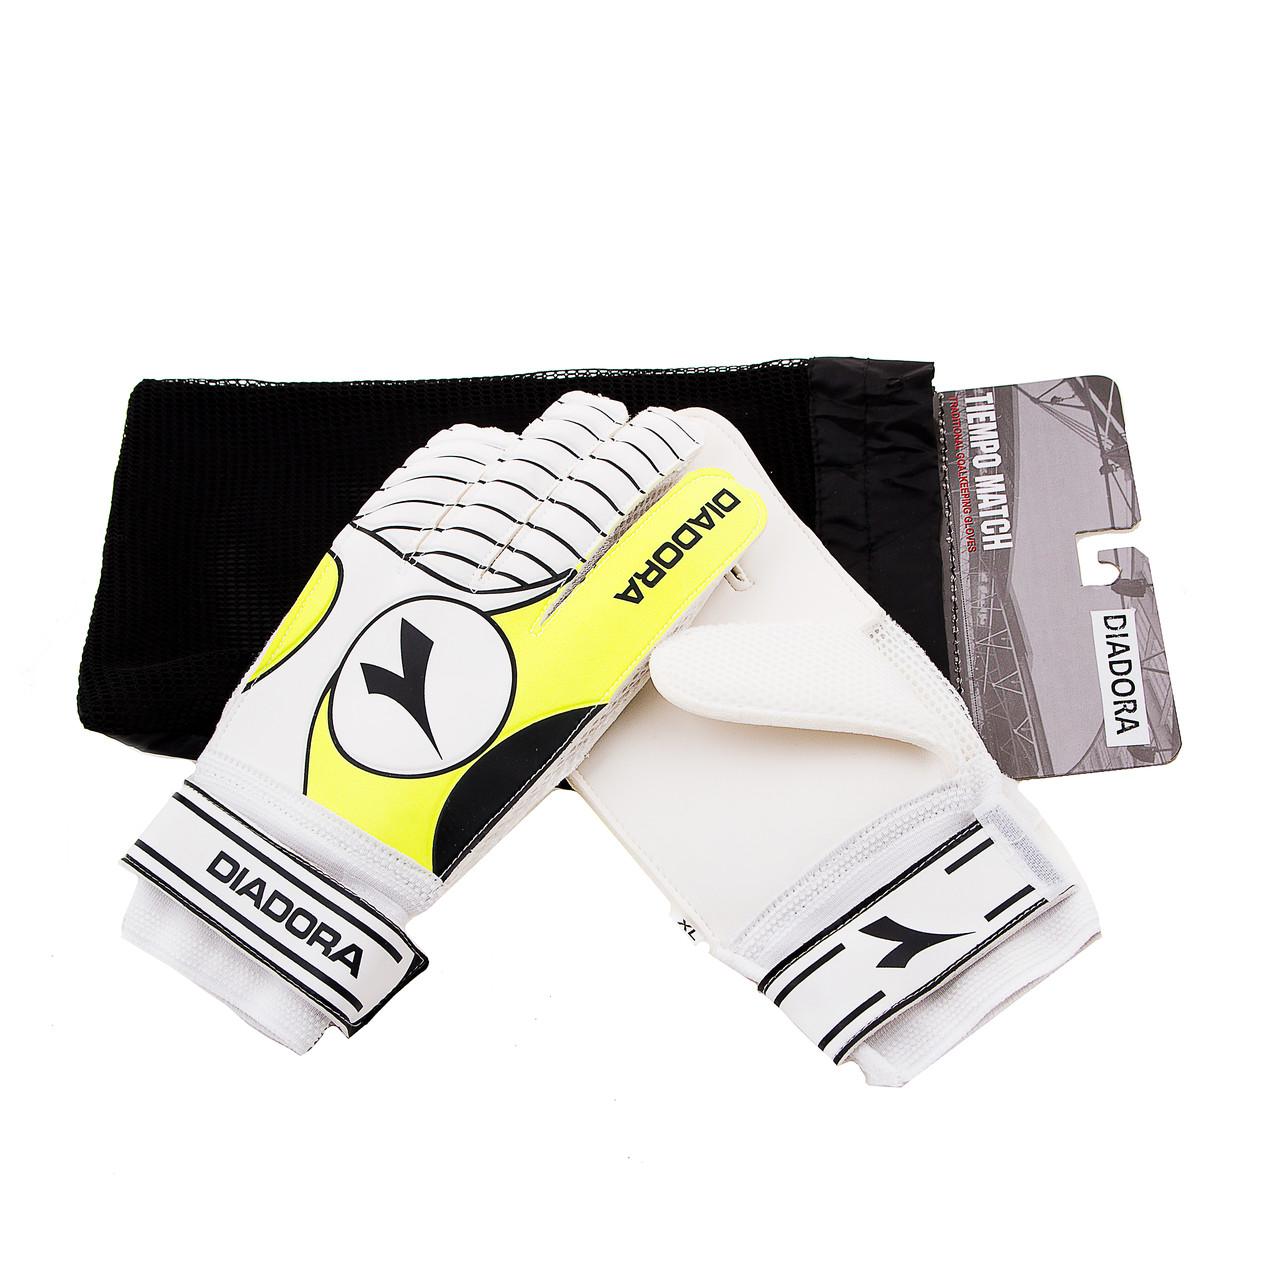 Вратарские перчатки взрослые Diadora Stick Good Quality S-5547